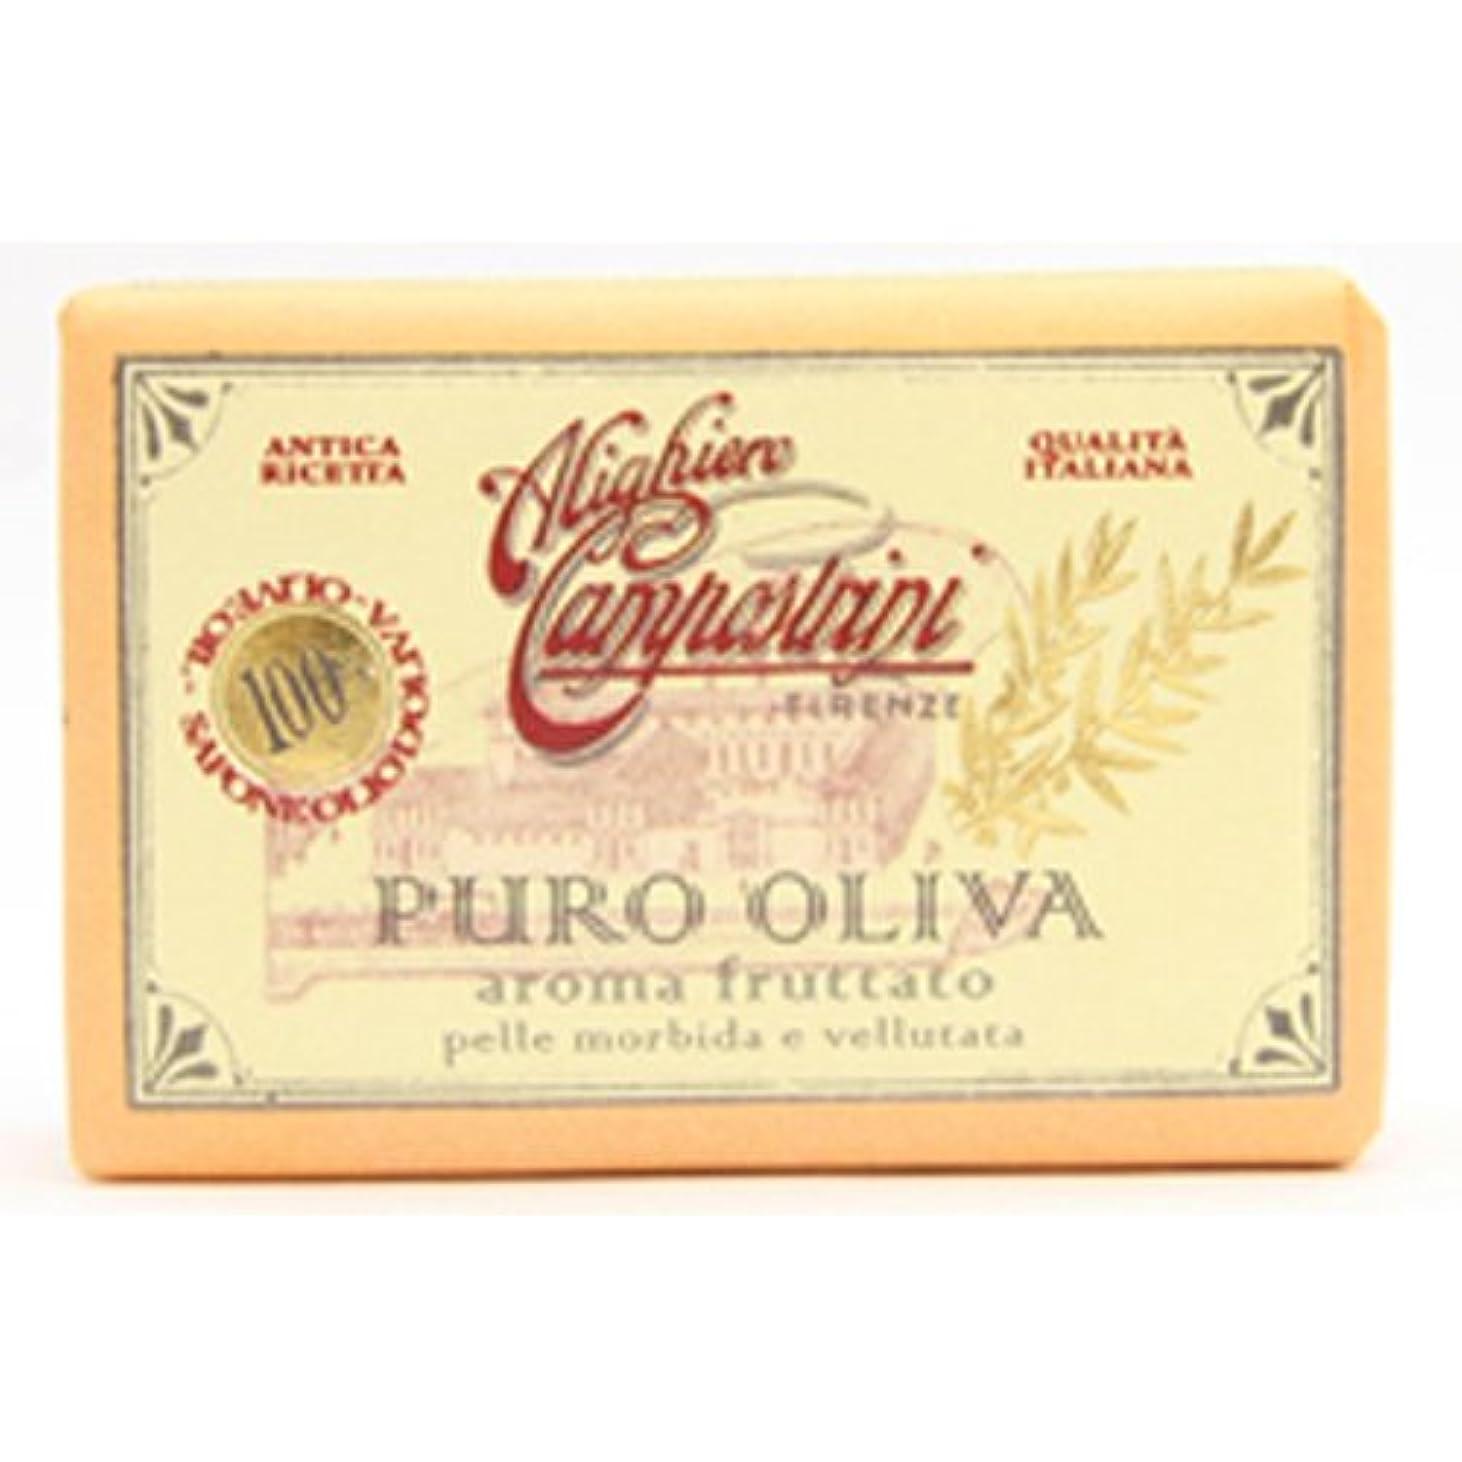 見出し呪われた心臓Saponerire Fissi サポネリーフィッシー PURO OLIVA Soap オリーブオイル ピュロ ソープ Aroma fruttato フルーツ(オレンジ)